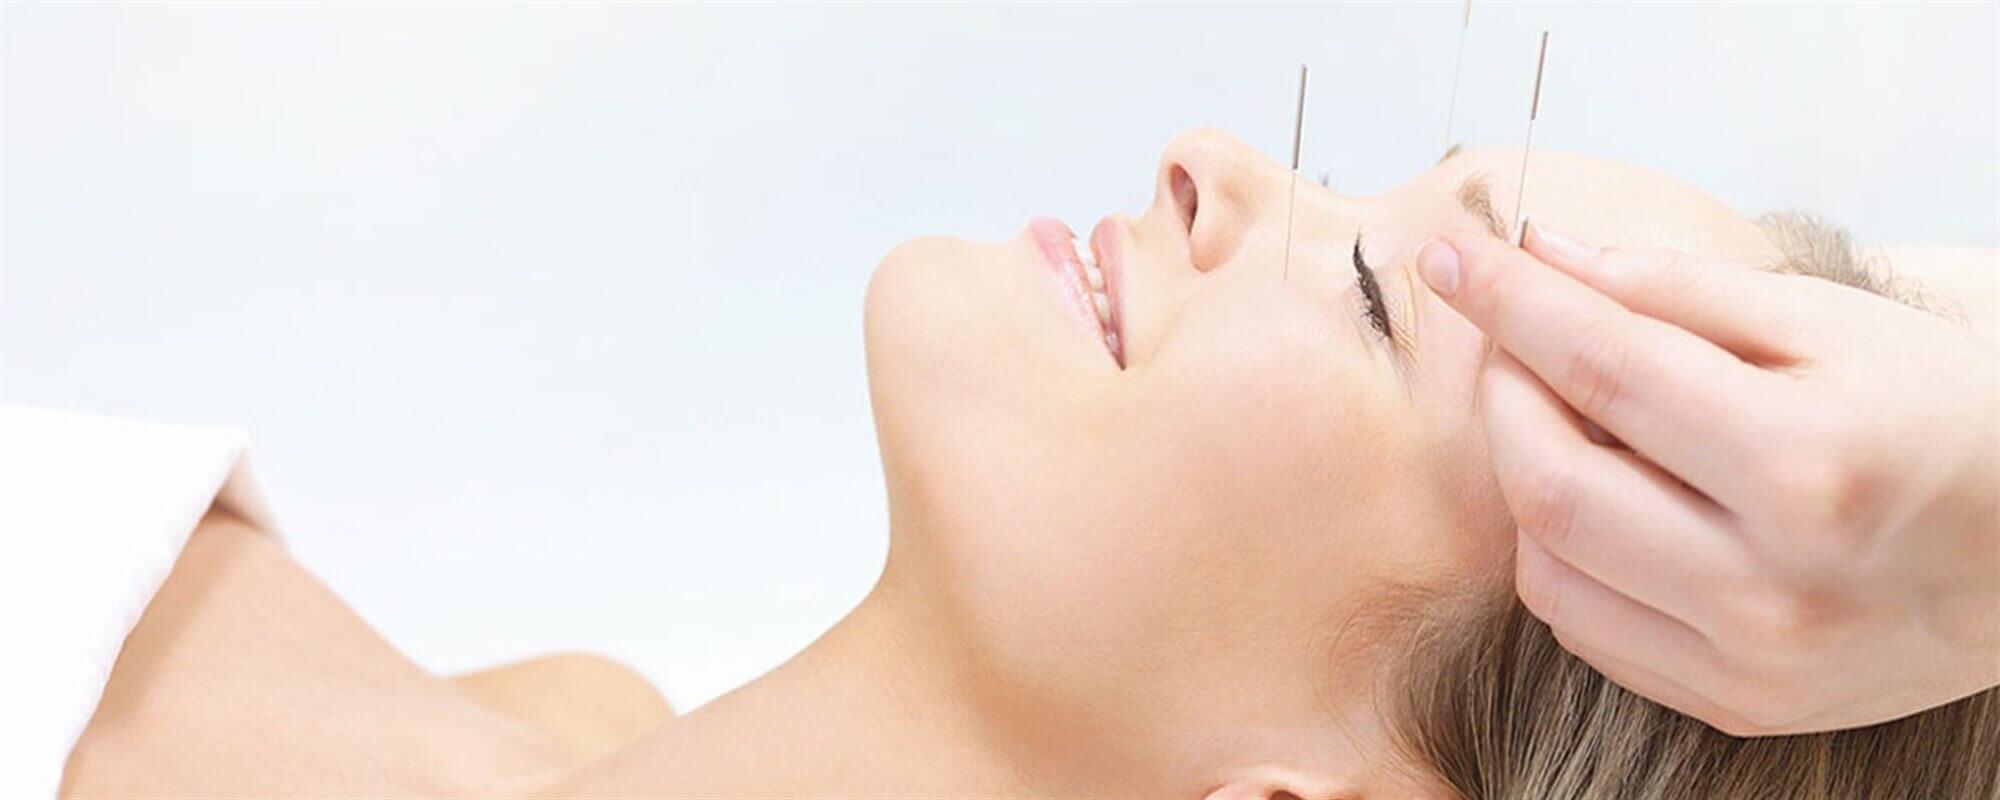 <span>Akupunktur</span>